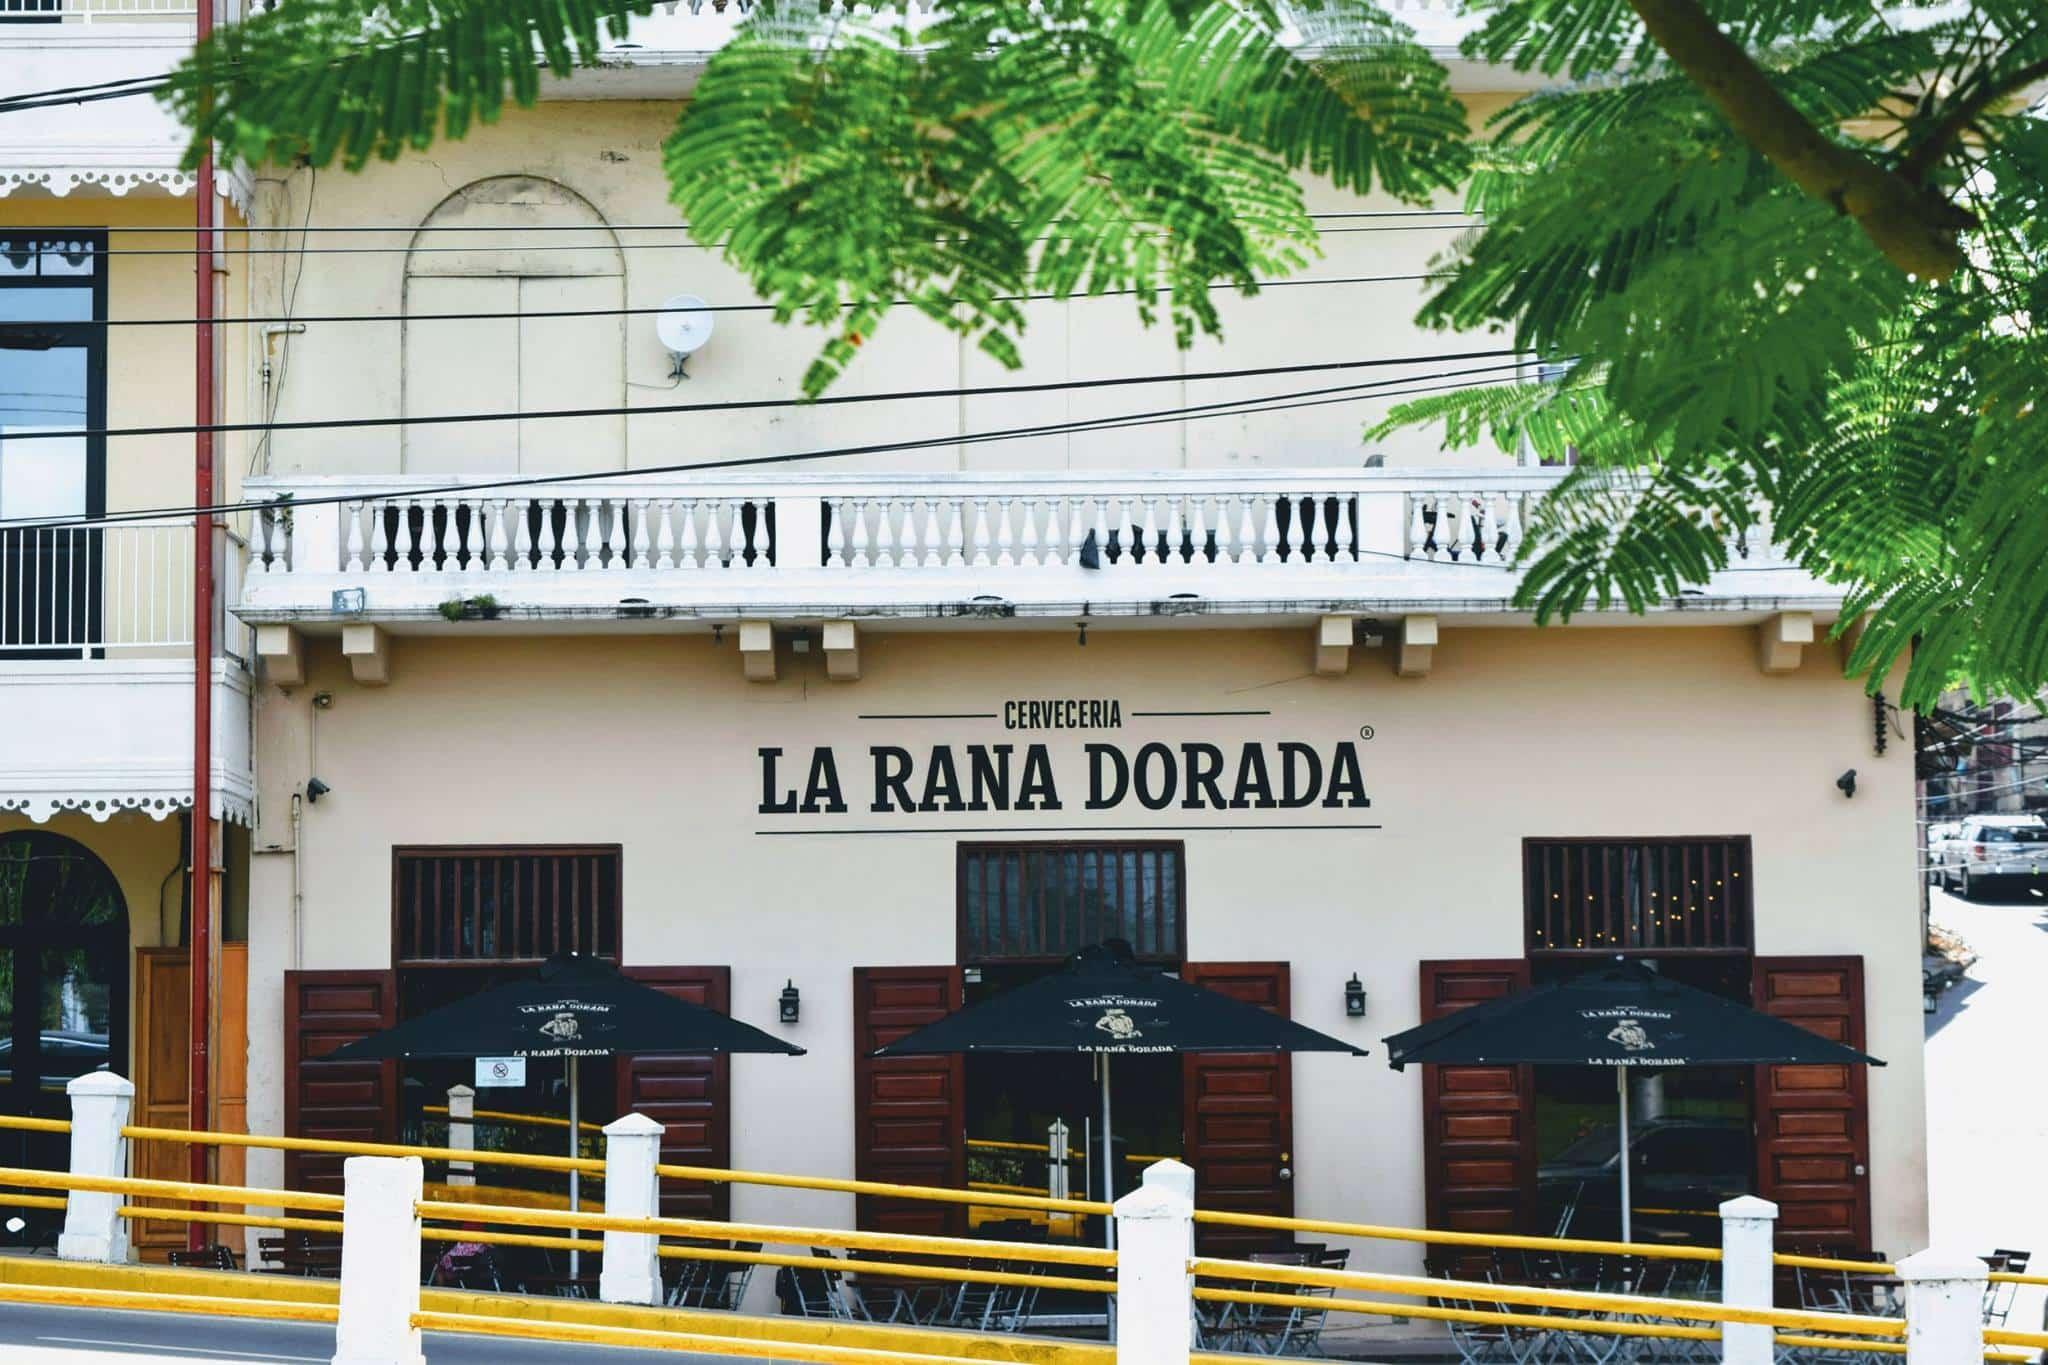 Old location of Cerveceria La Rana Dorada in Casco Viejo right before the ramp